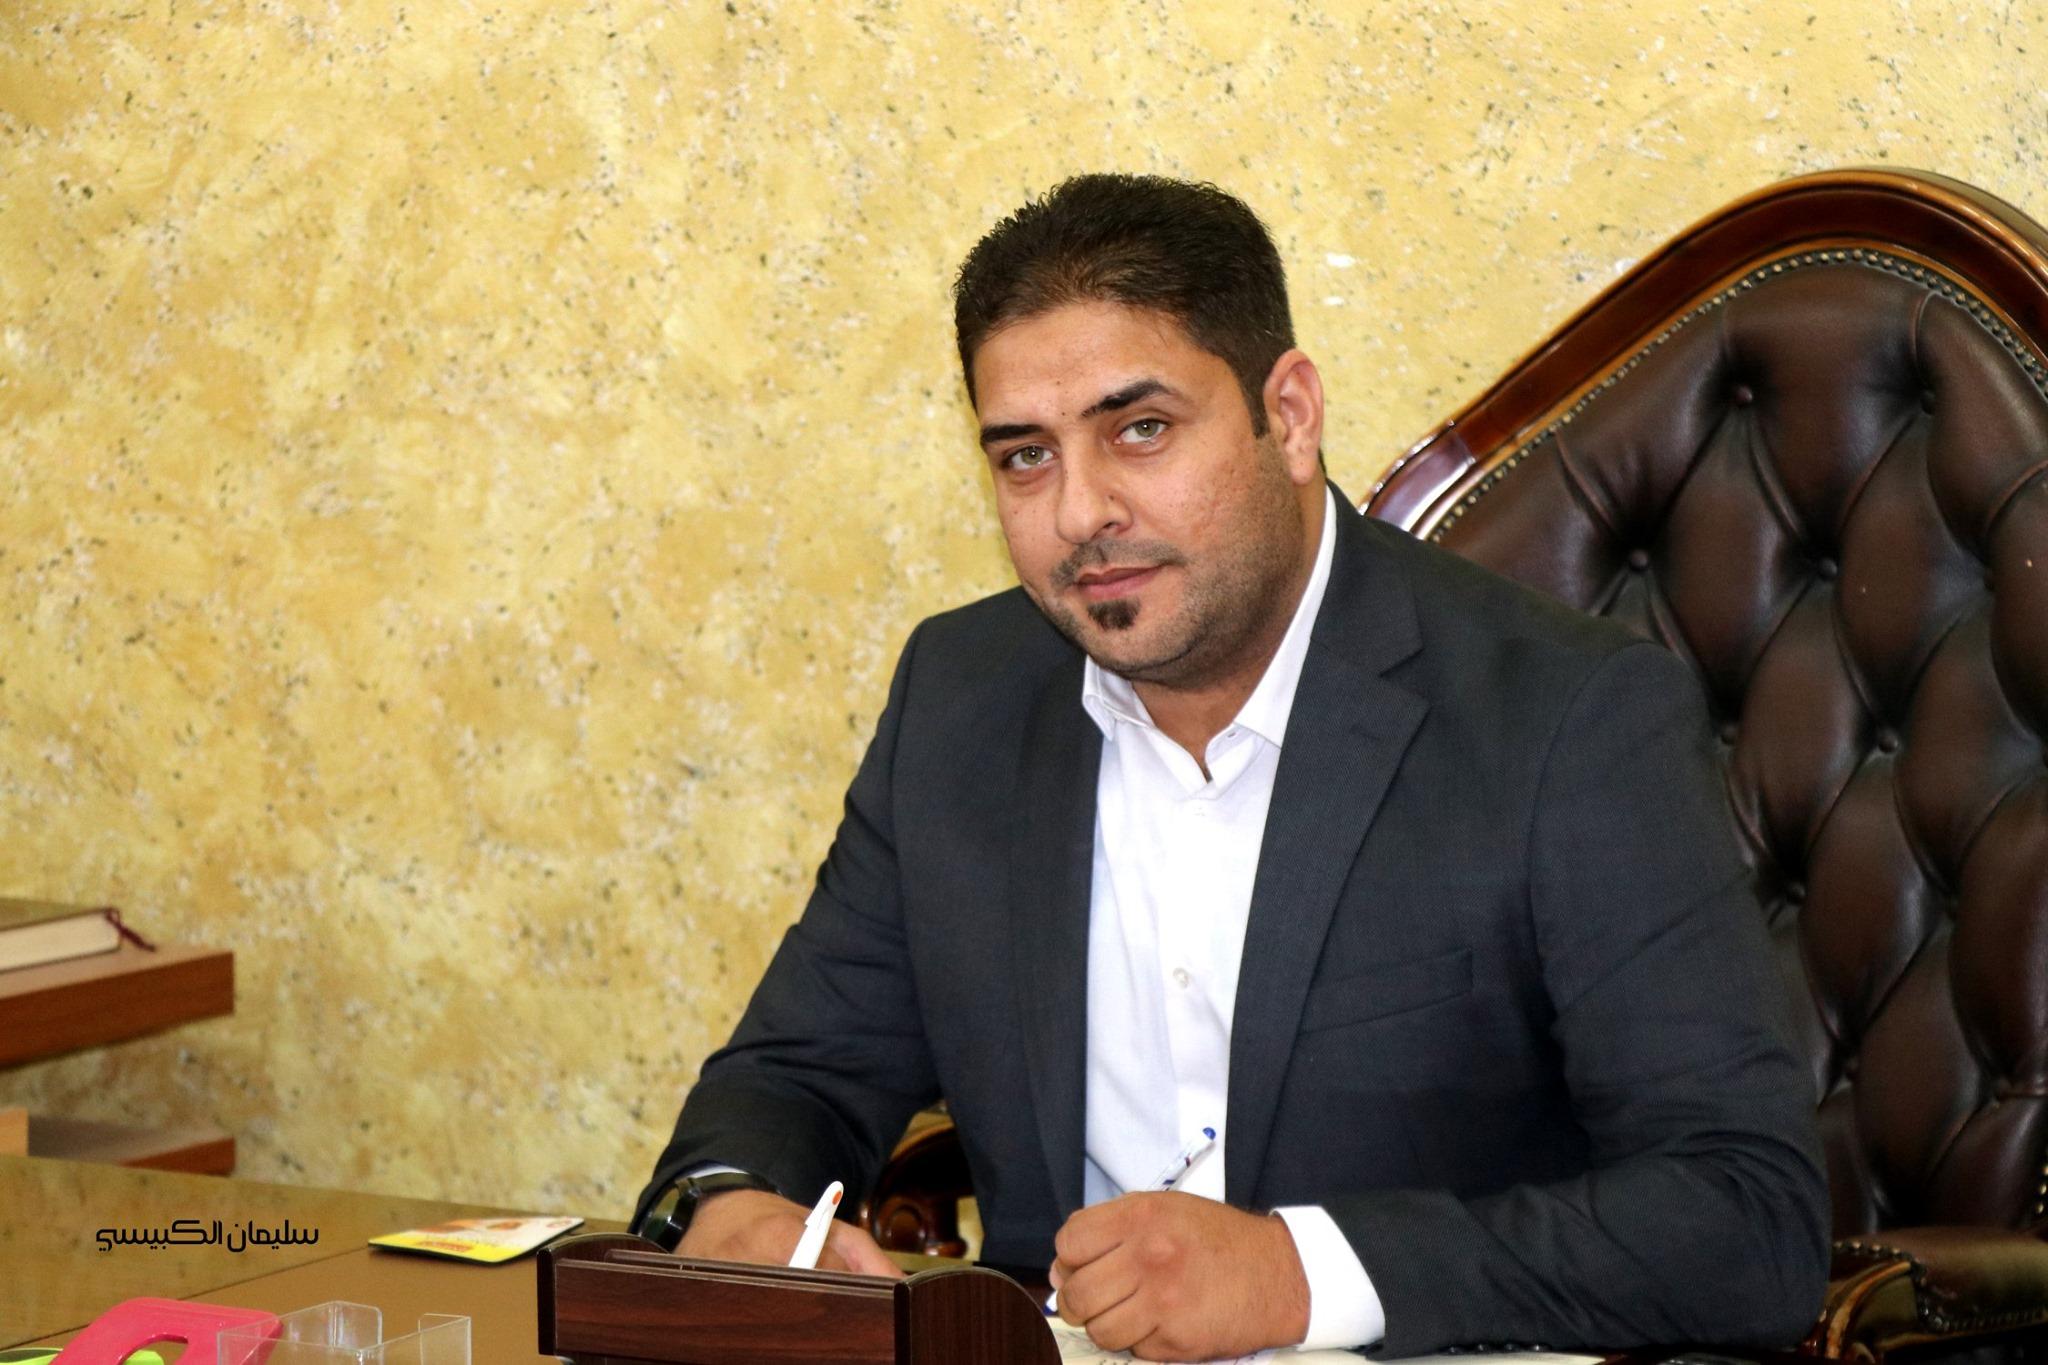 سليمان الكبيسي يشيد ببطولات الفوج التكتيكي وفوج سوات شرطة الأنبار